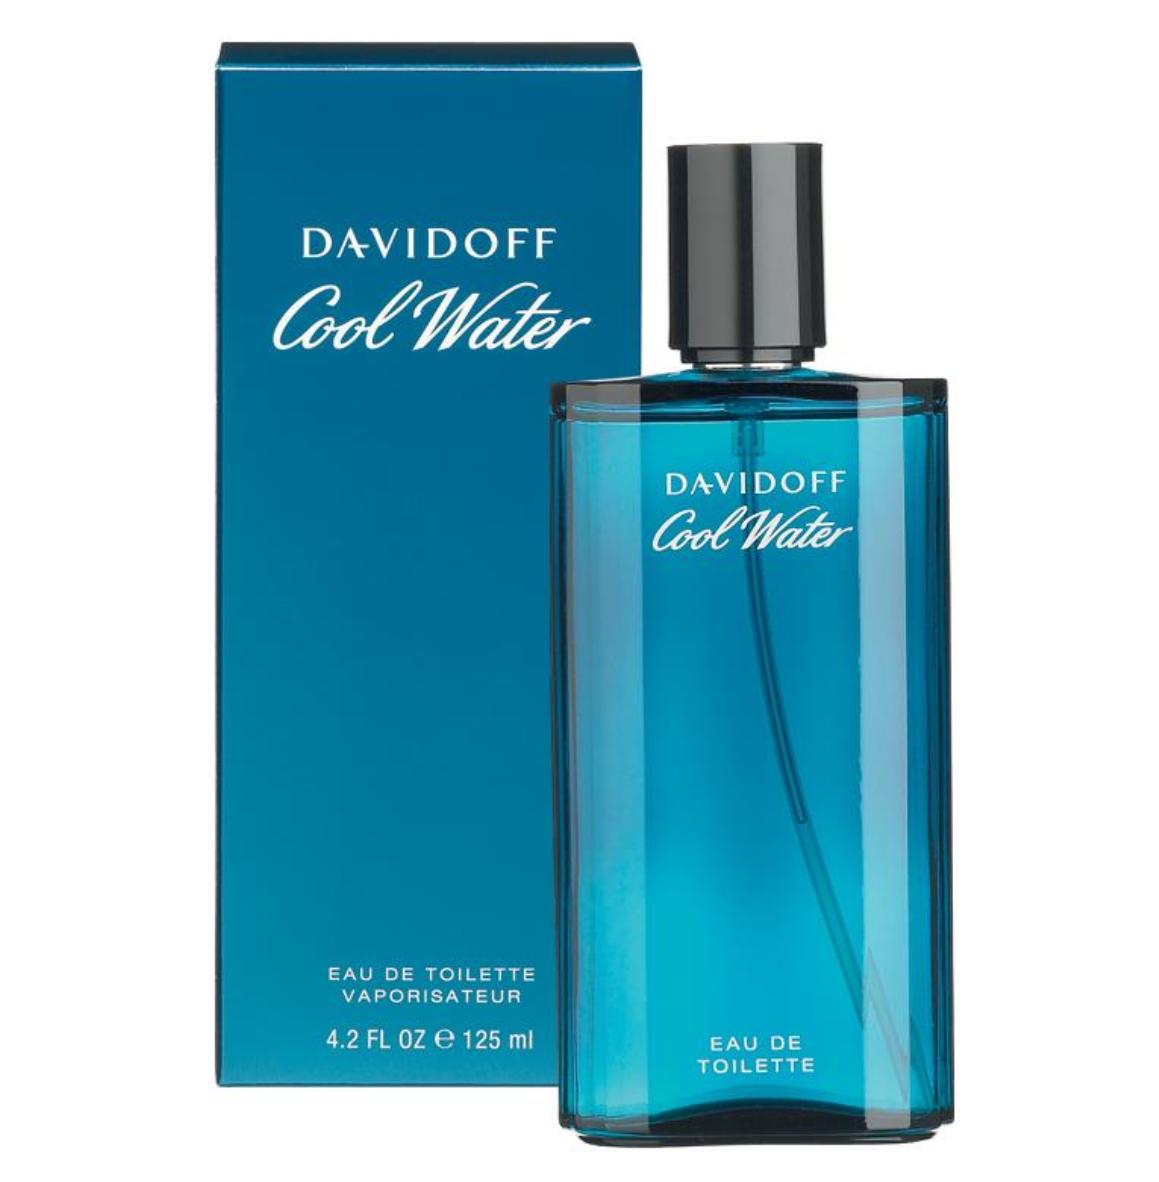 Davidoff - Cool Water - eau de toilette